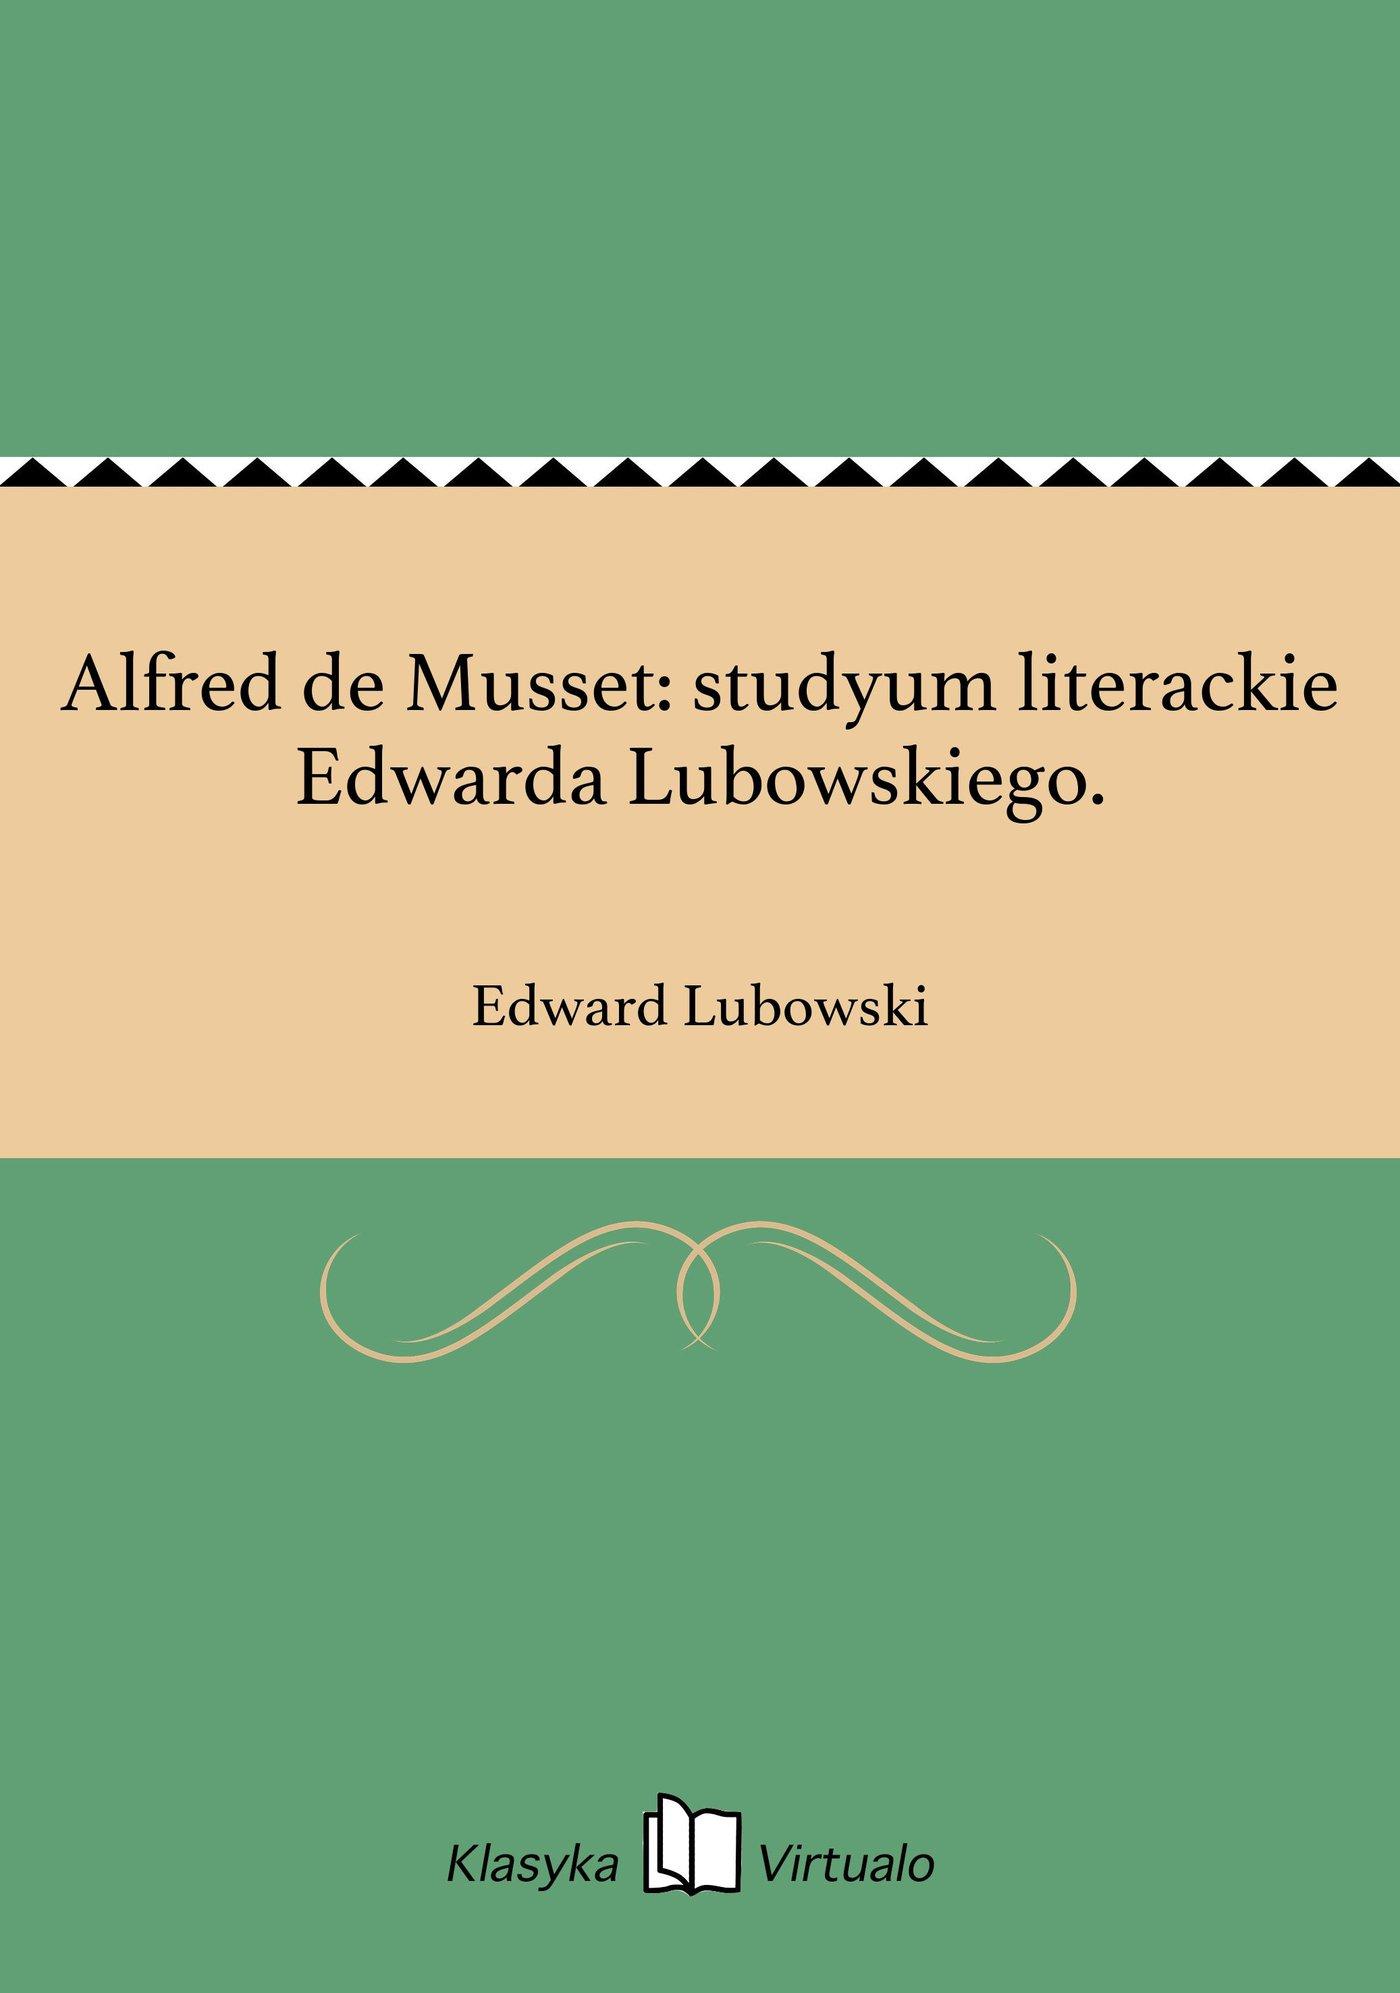 Alfred de Musset: studyum literackie Edwarda Lubowskiego. - Ebook (Książka na Kindle) do pobrania w formacie MOBI